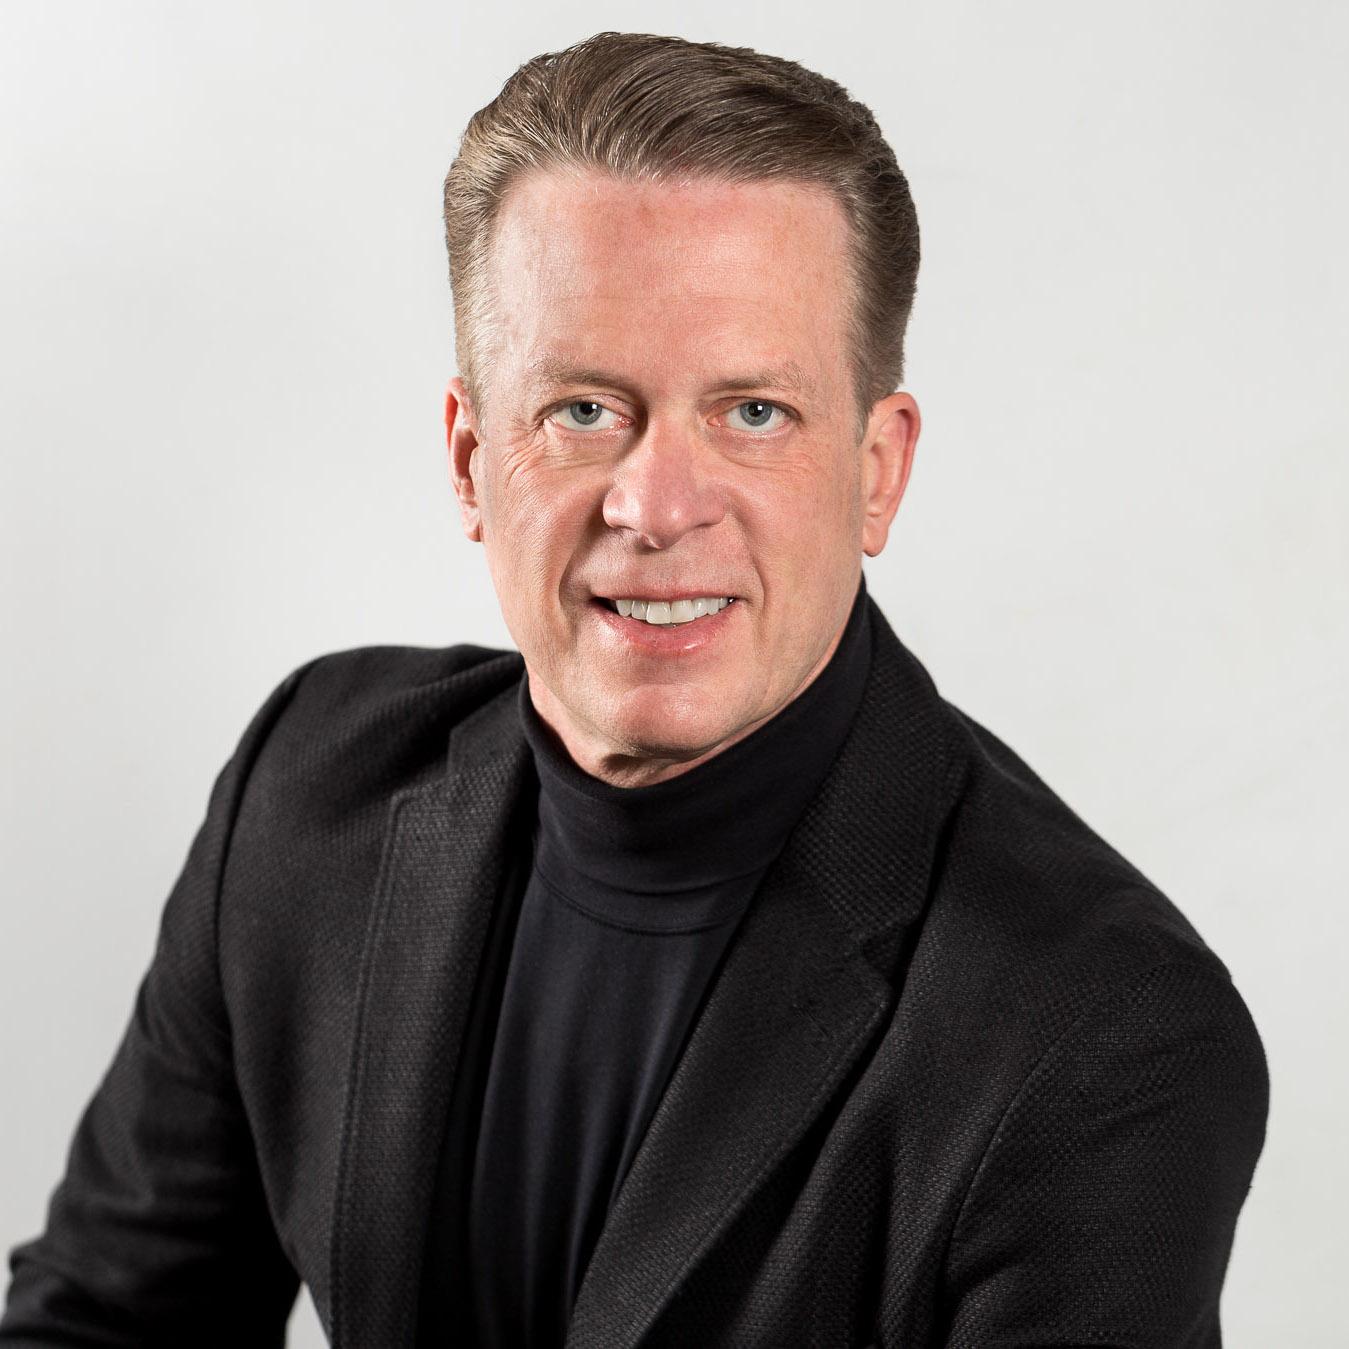 Jerry Becker